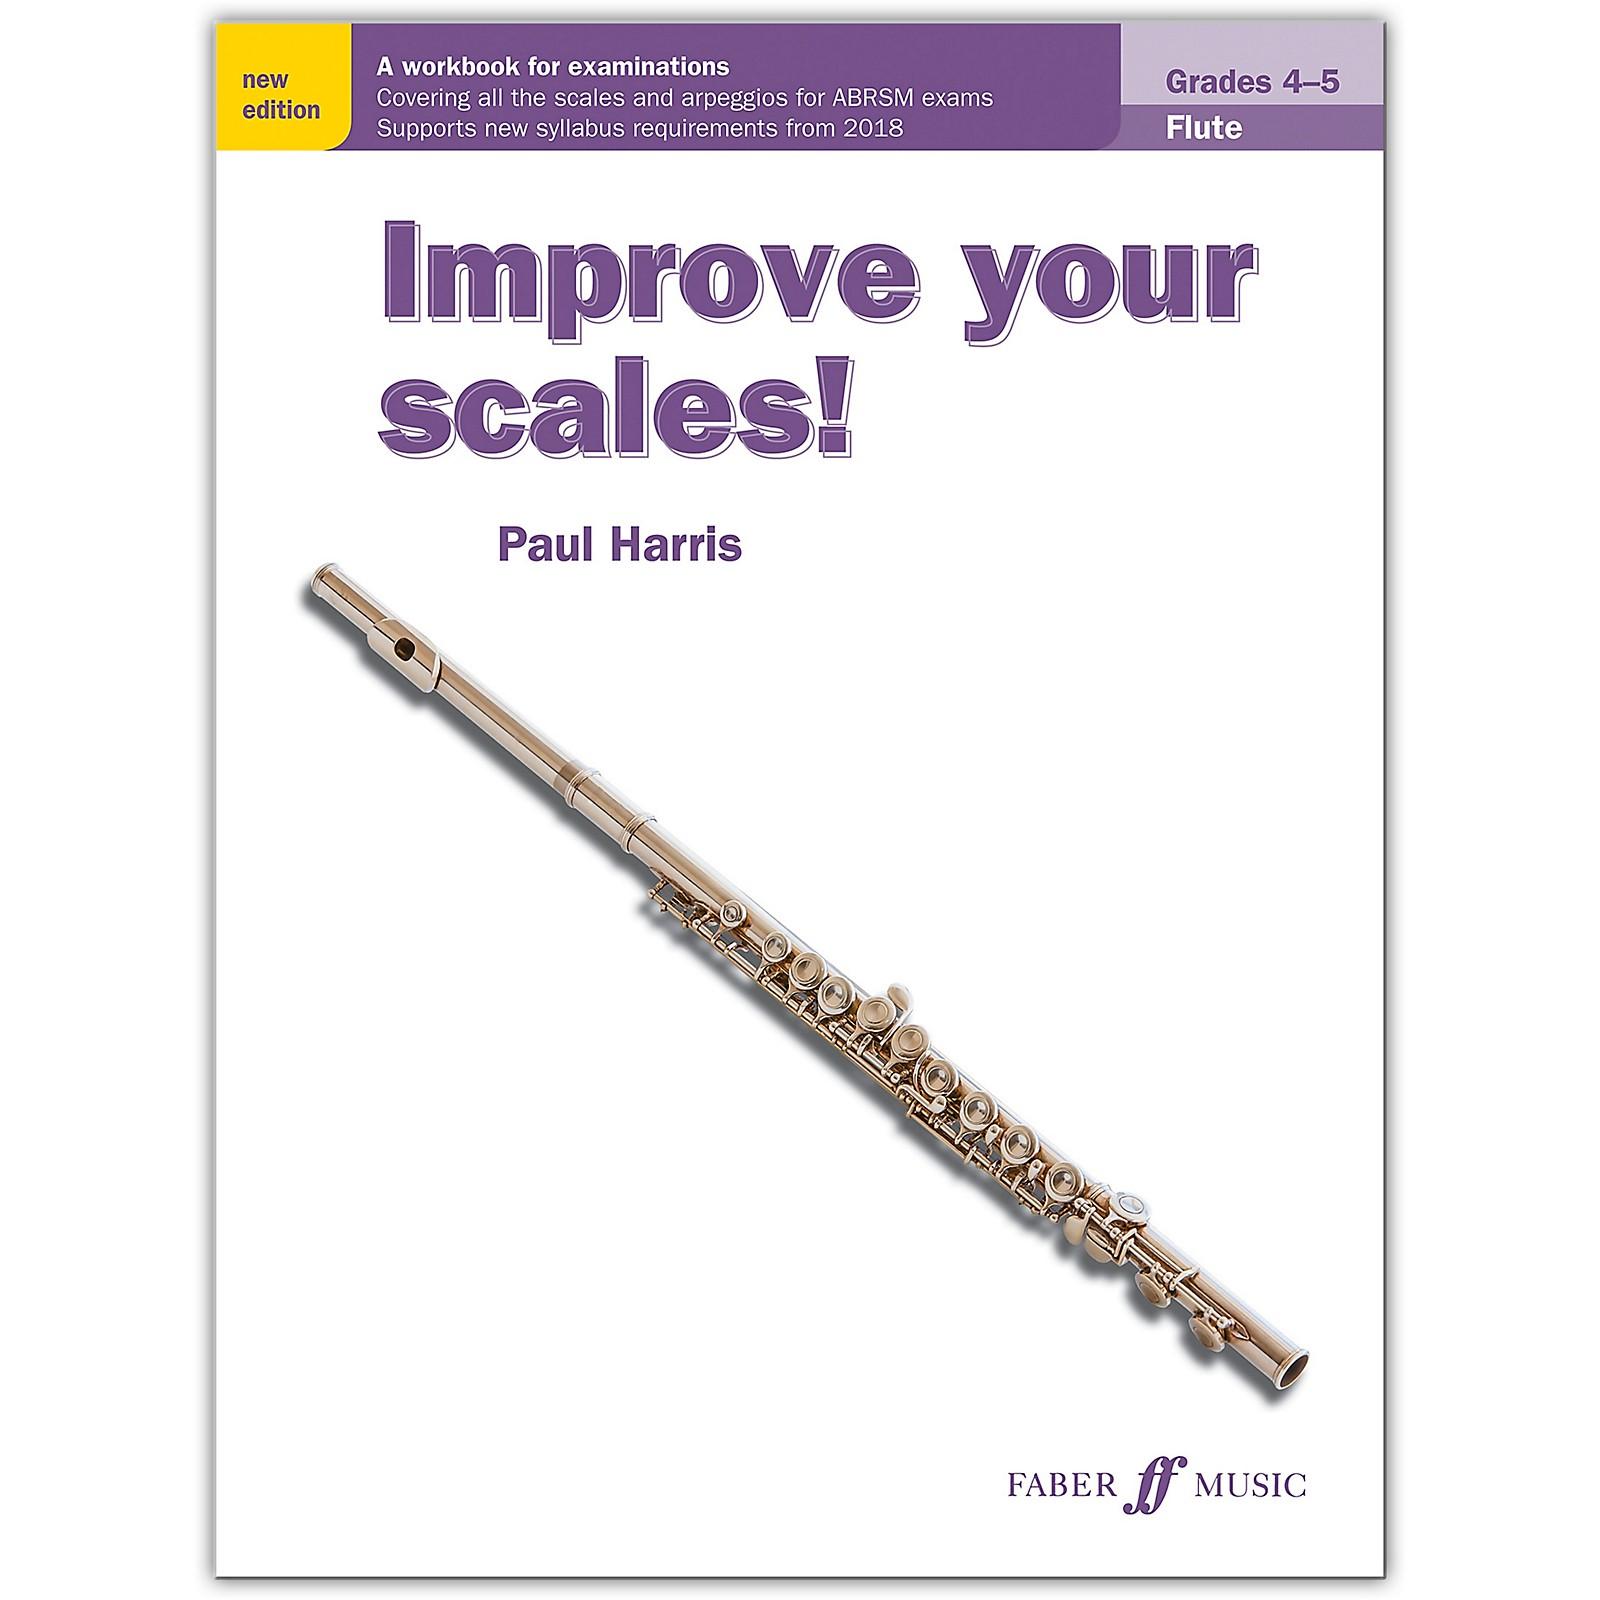 Faber Music LTD Improve Your Scales! Flute, Grades 4-5